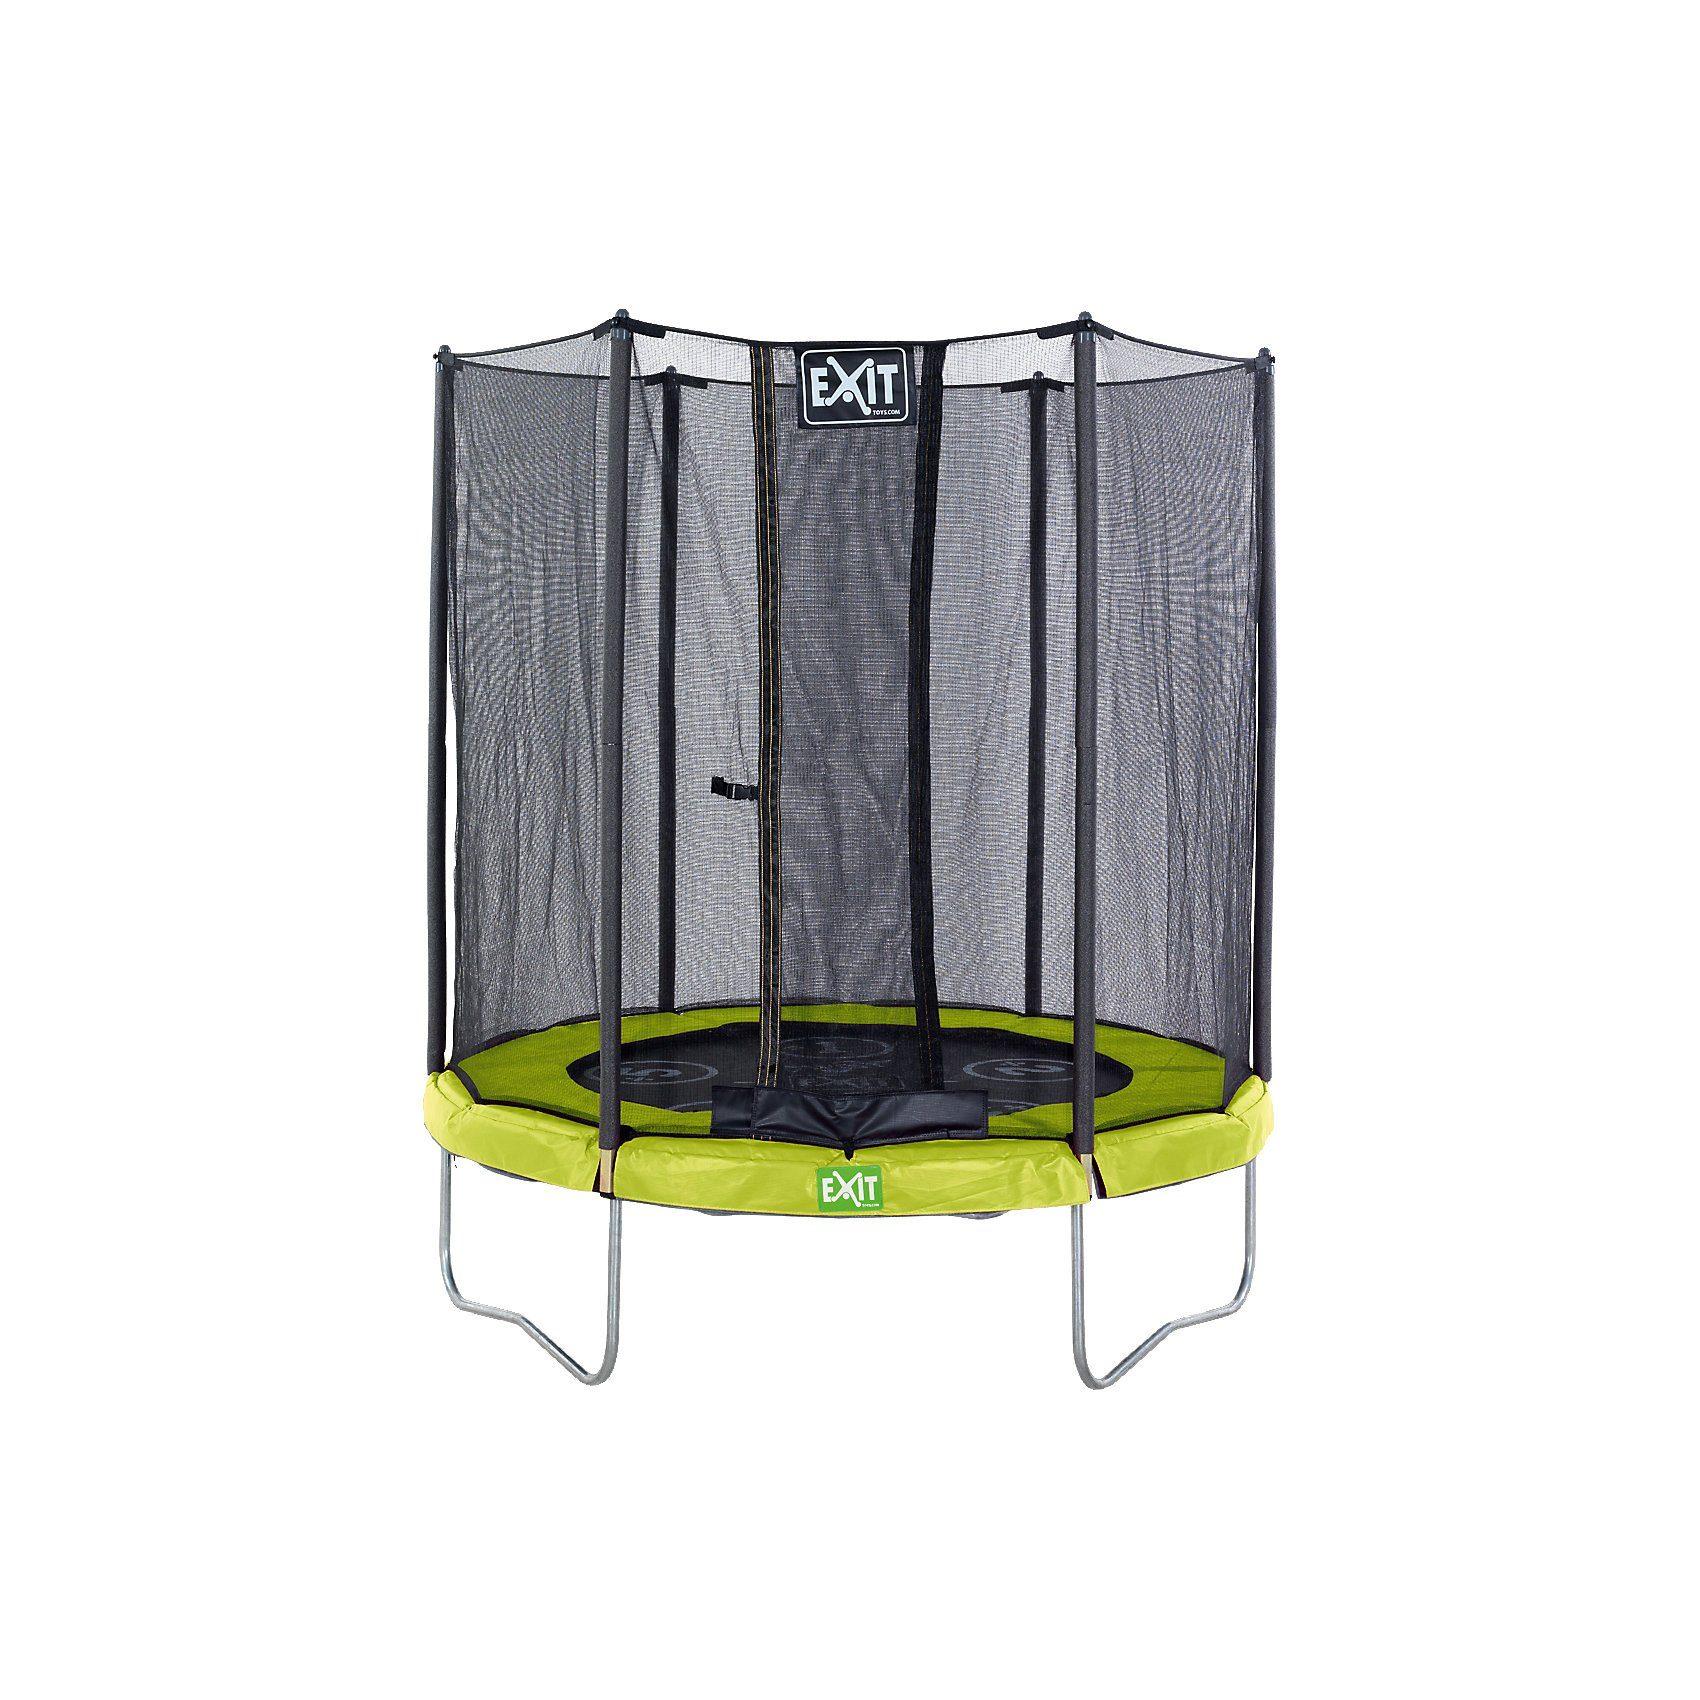 EXIT Twist Trampolin 244 cm, grün grau